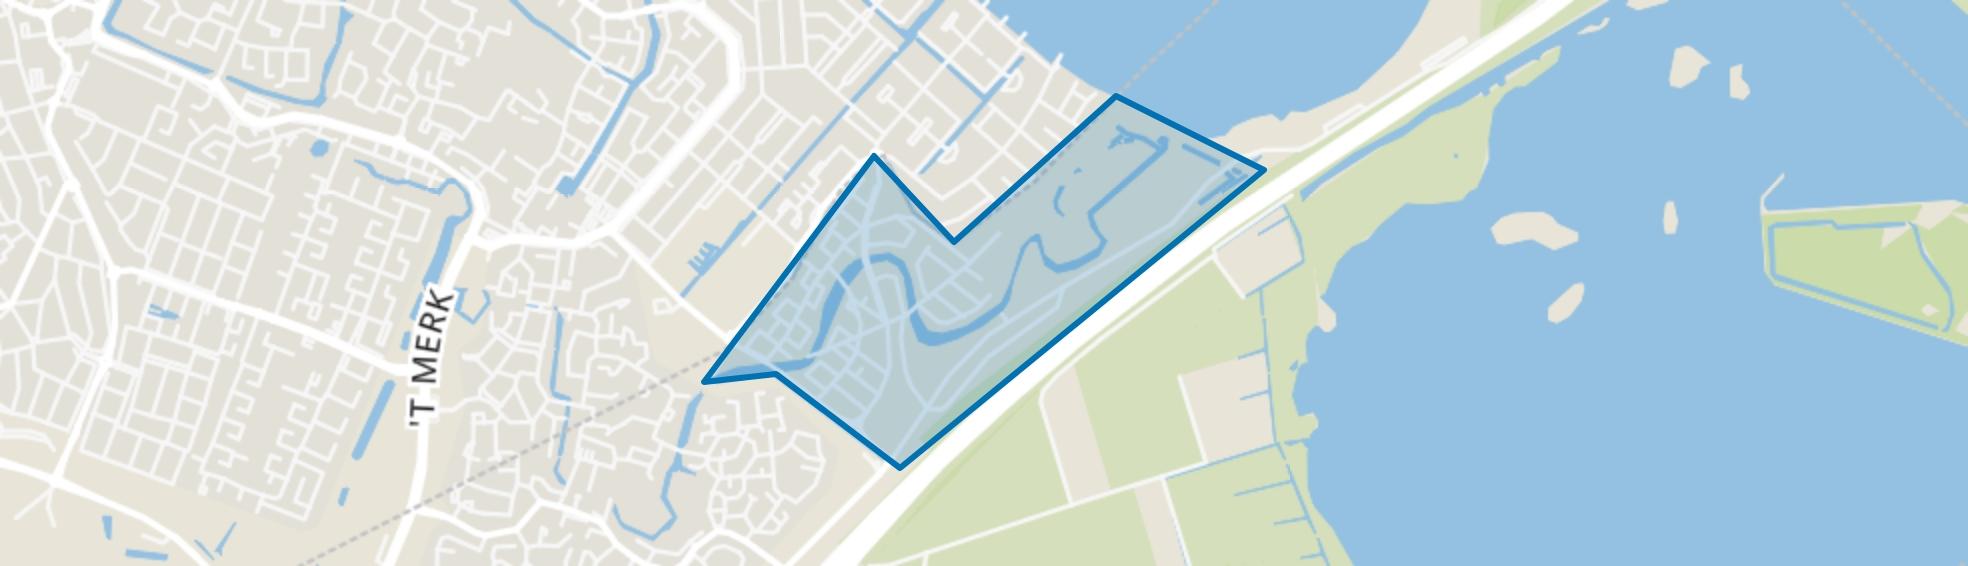 Blaricummermeent, Blaricum map